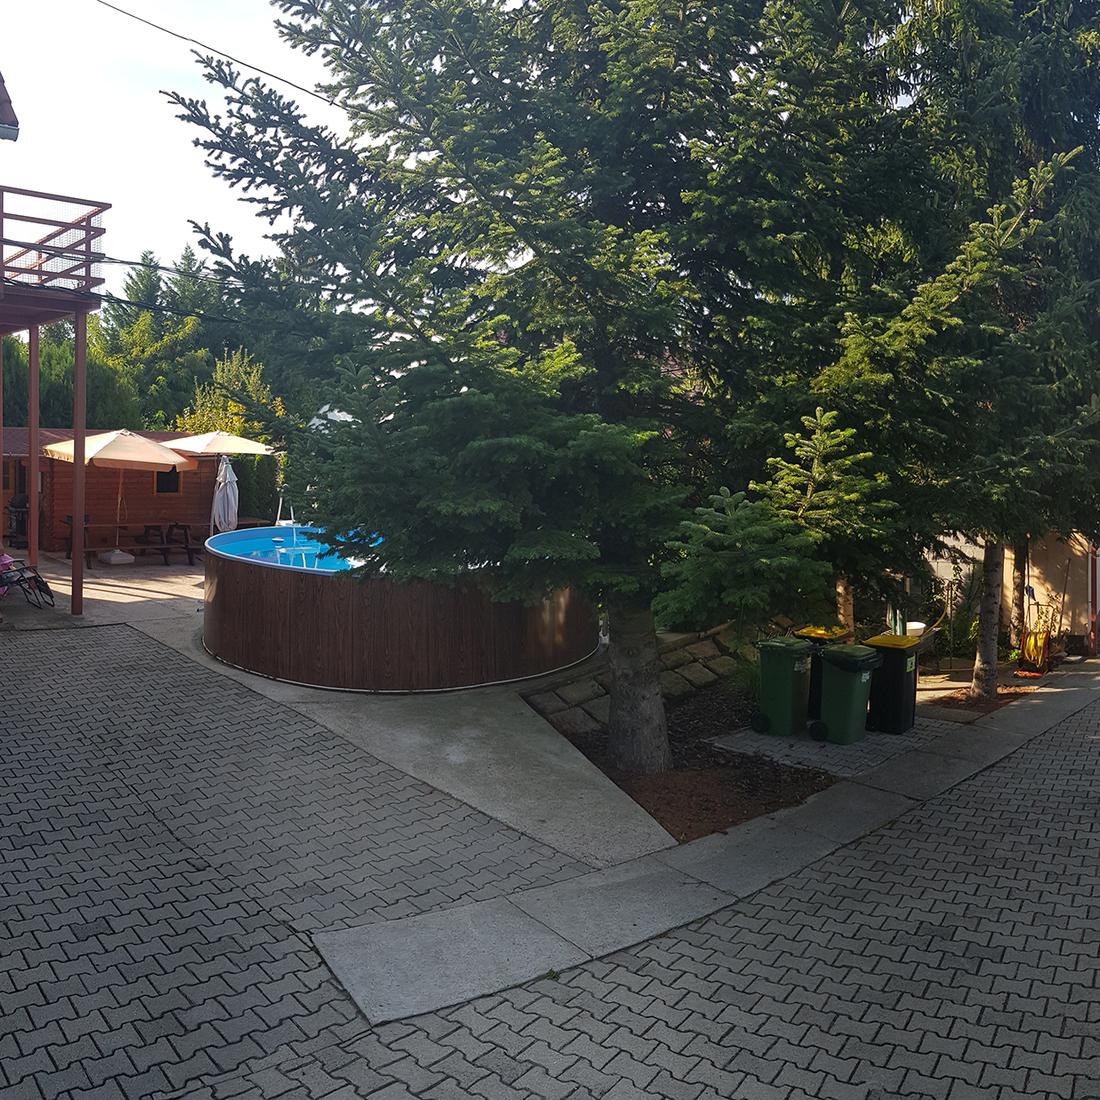 Eladó  családi ház (Pest megye, Budaörs, Zombori út) 139 M  Ft